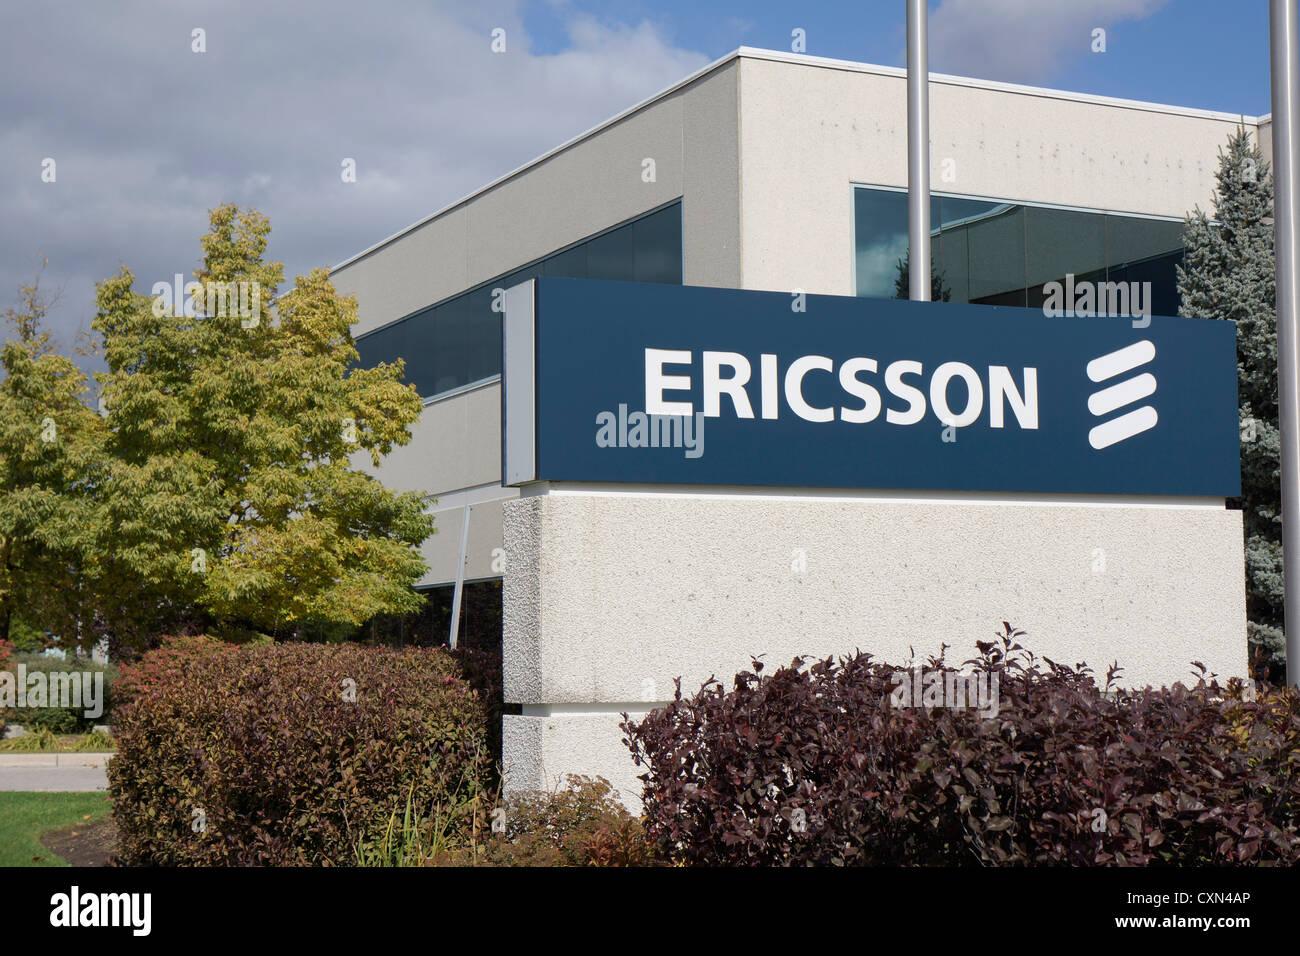 Ericsson, société à signer à l'extérieur du bureau Photo Stock